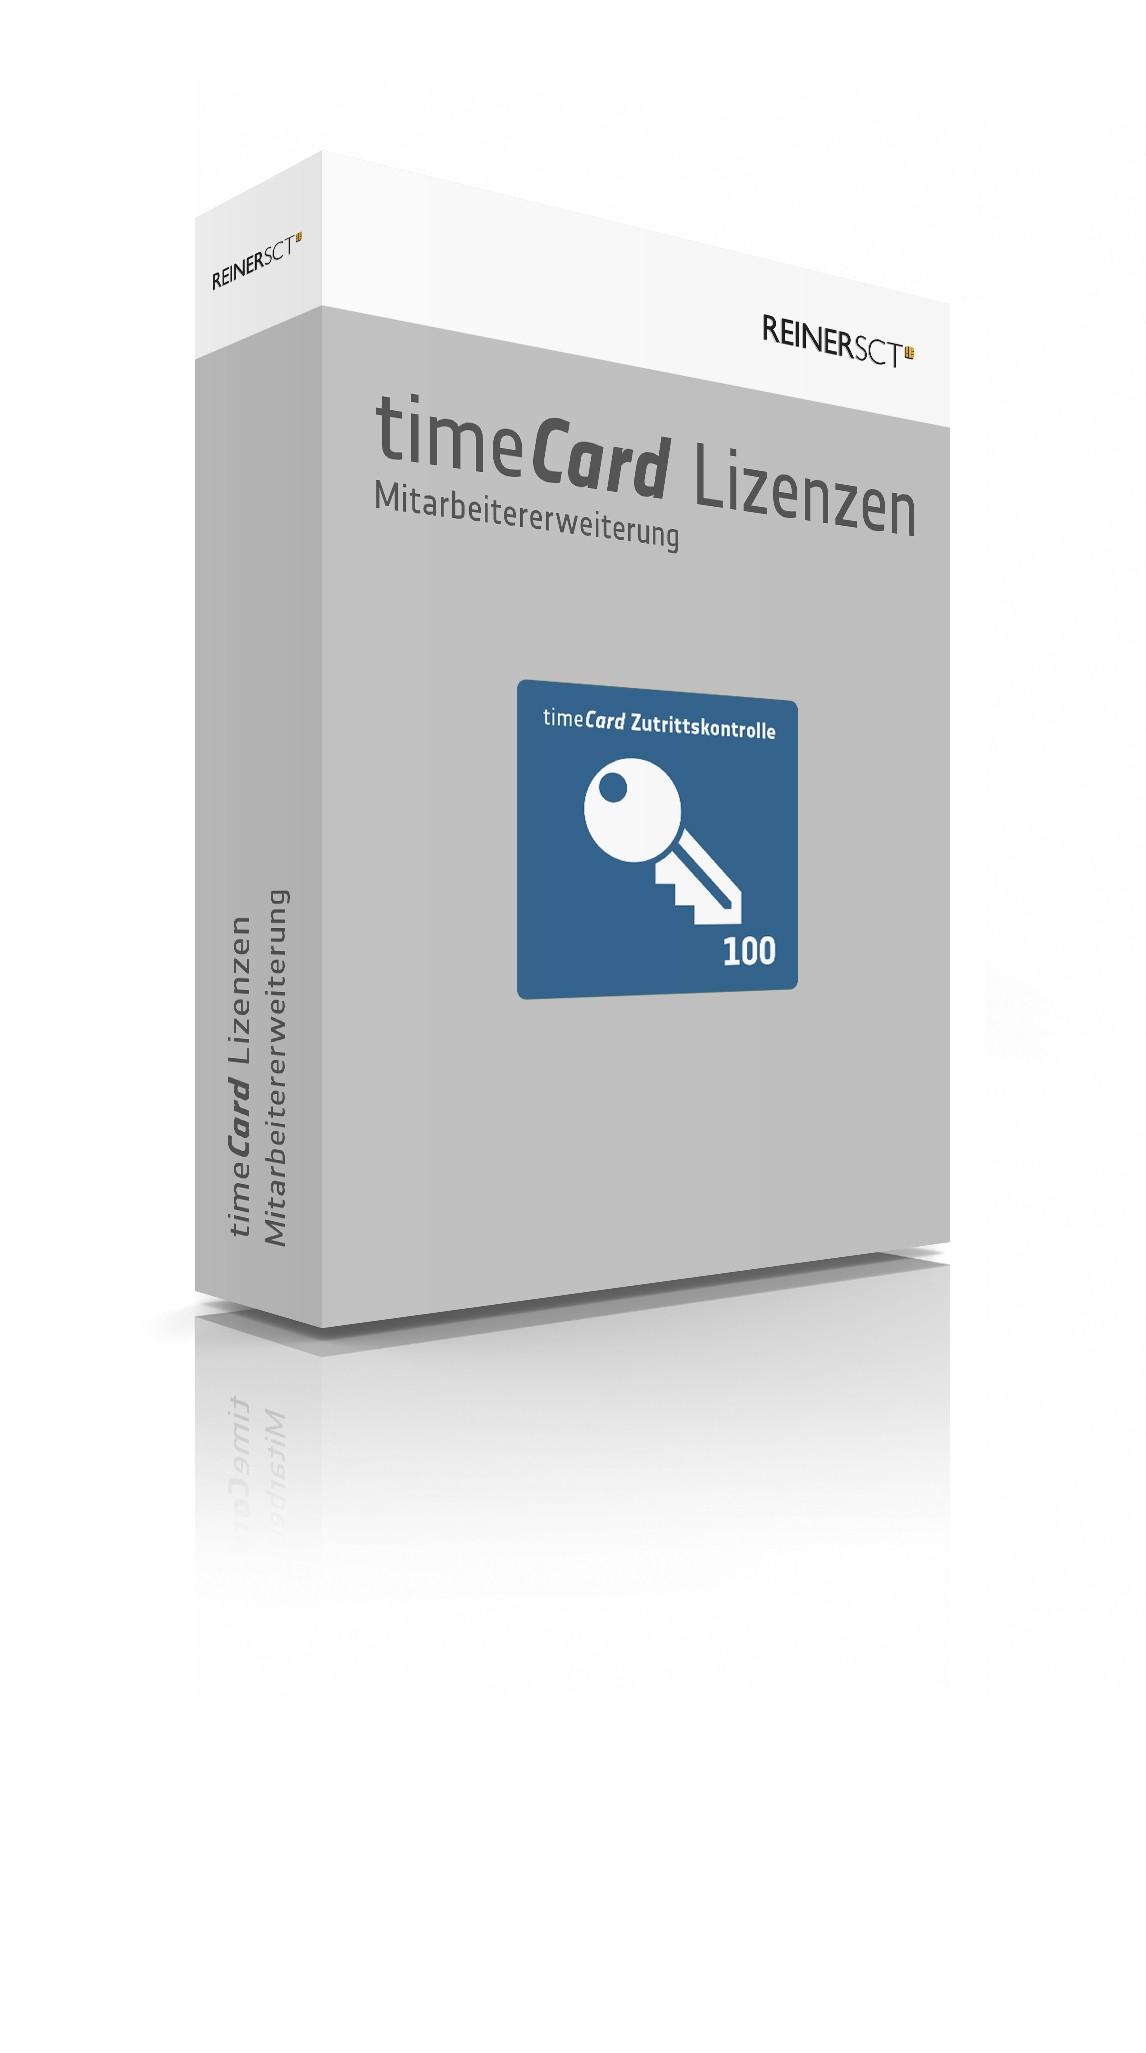 REINER SCT timeCard 6 ZuKo Erweiterung 100 Mitarbeiter, Lizenz